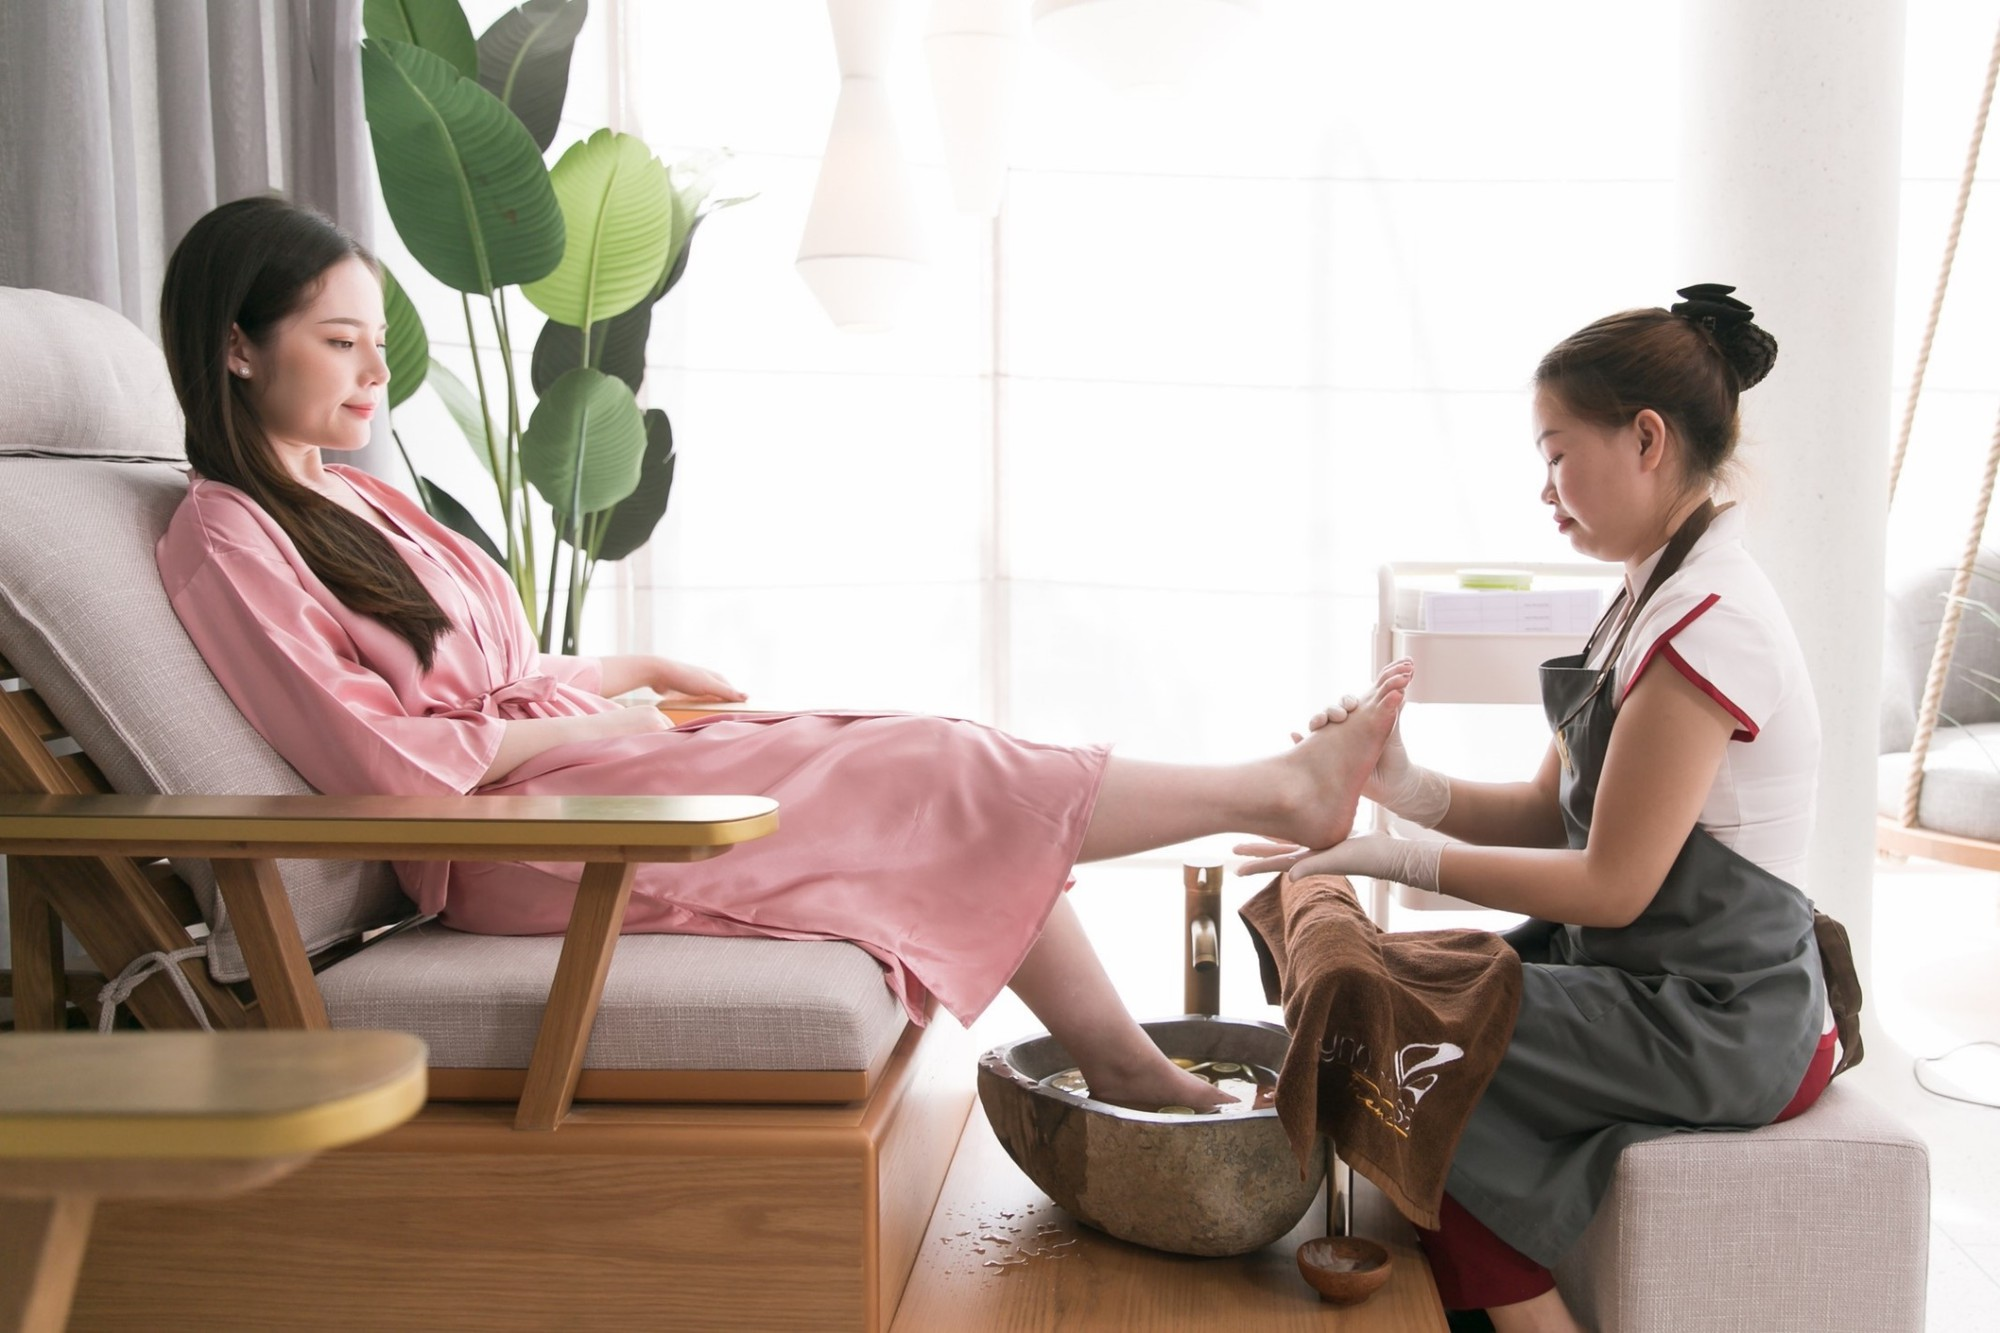 Shynh House Đà Nẵng thu hút khách với không gian đẳng cấp - Ảnh 6.